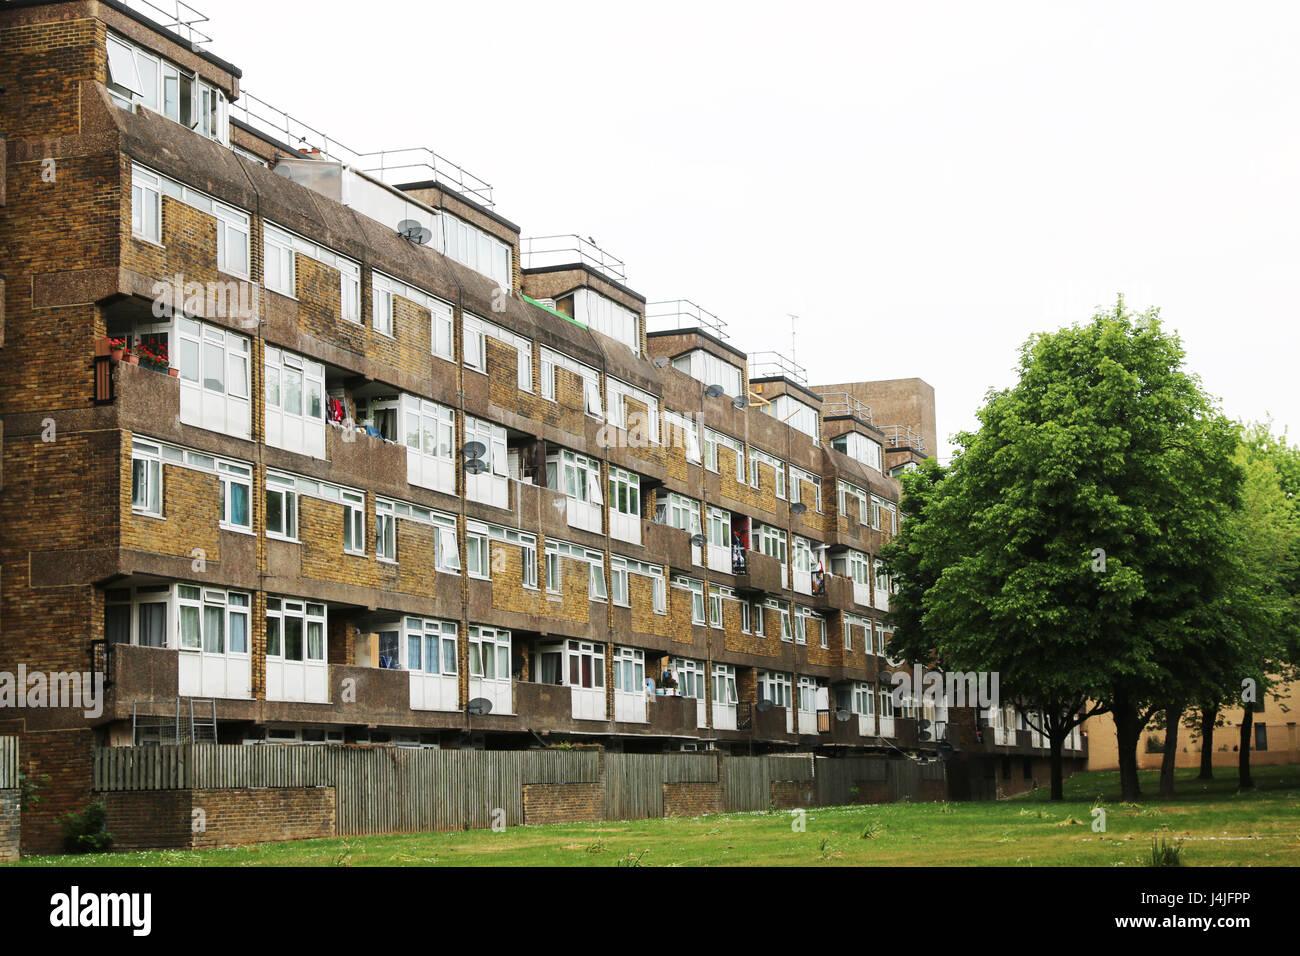 Council estate building east london - Stock Image